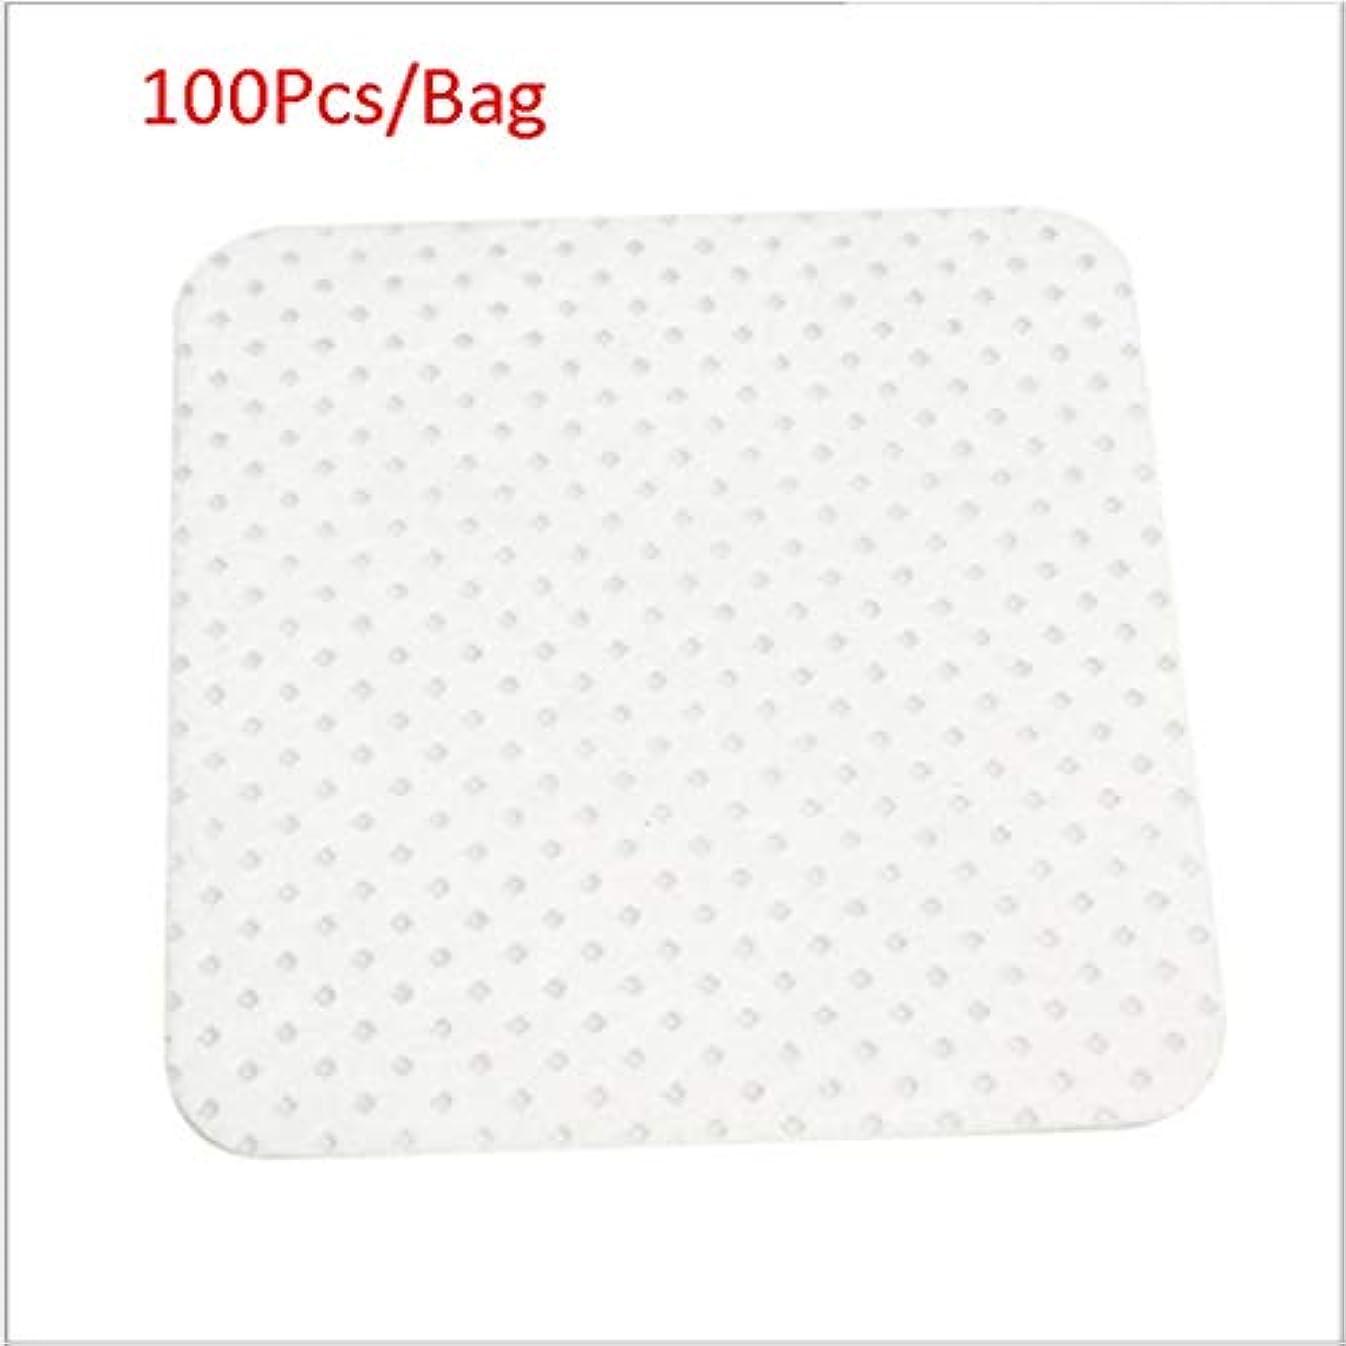 放散する保証金言い訳クレンジングシート 100ピース/バッグ使い捨てまつげエクステンションのり取りコットンパッドボトル口拭きパッチメイク化粧品クリーニングツール (Color : White, サイズ : 5*5cm)